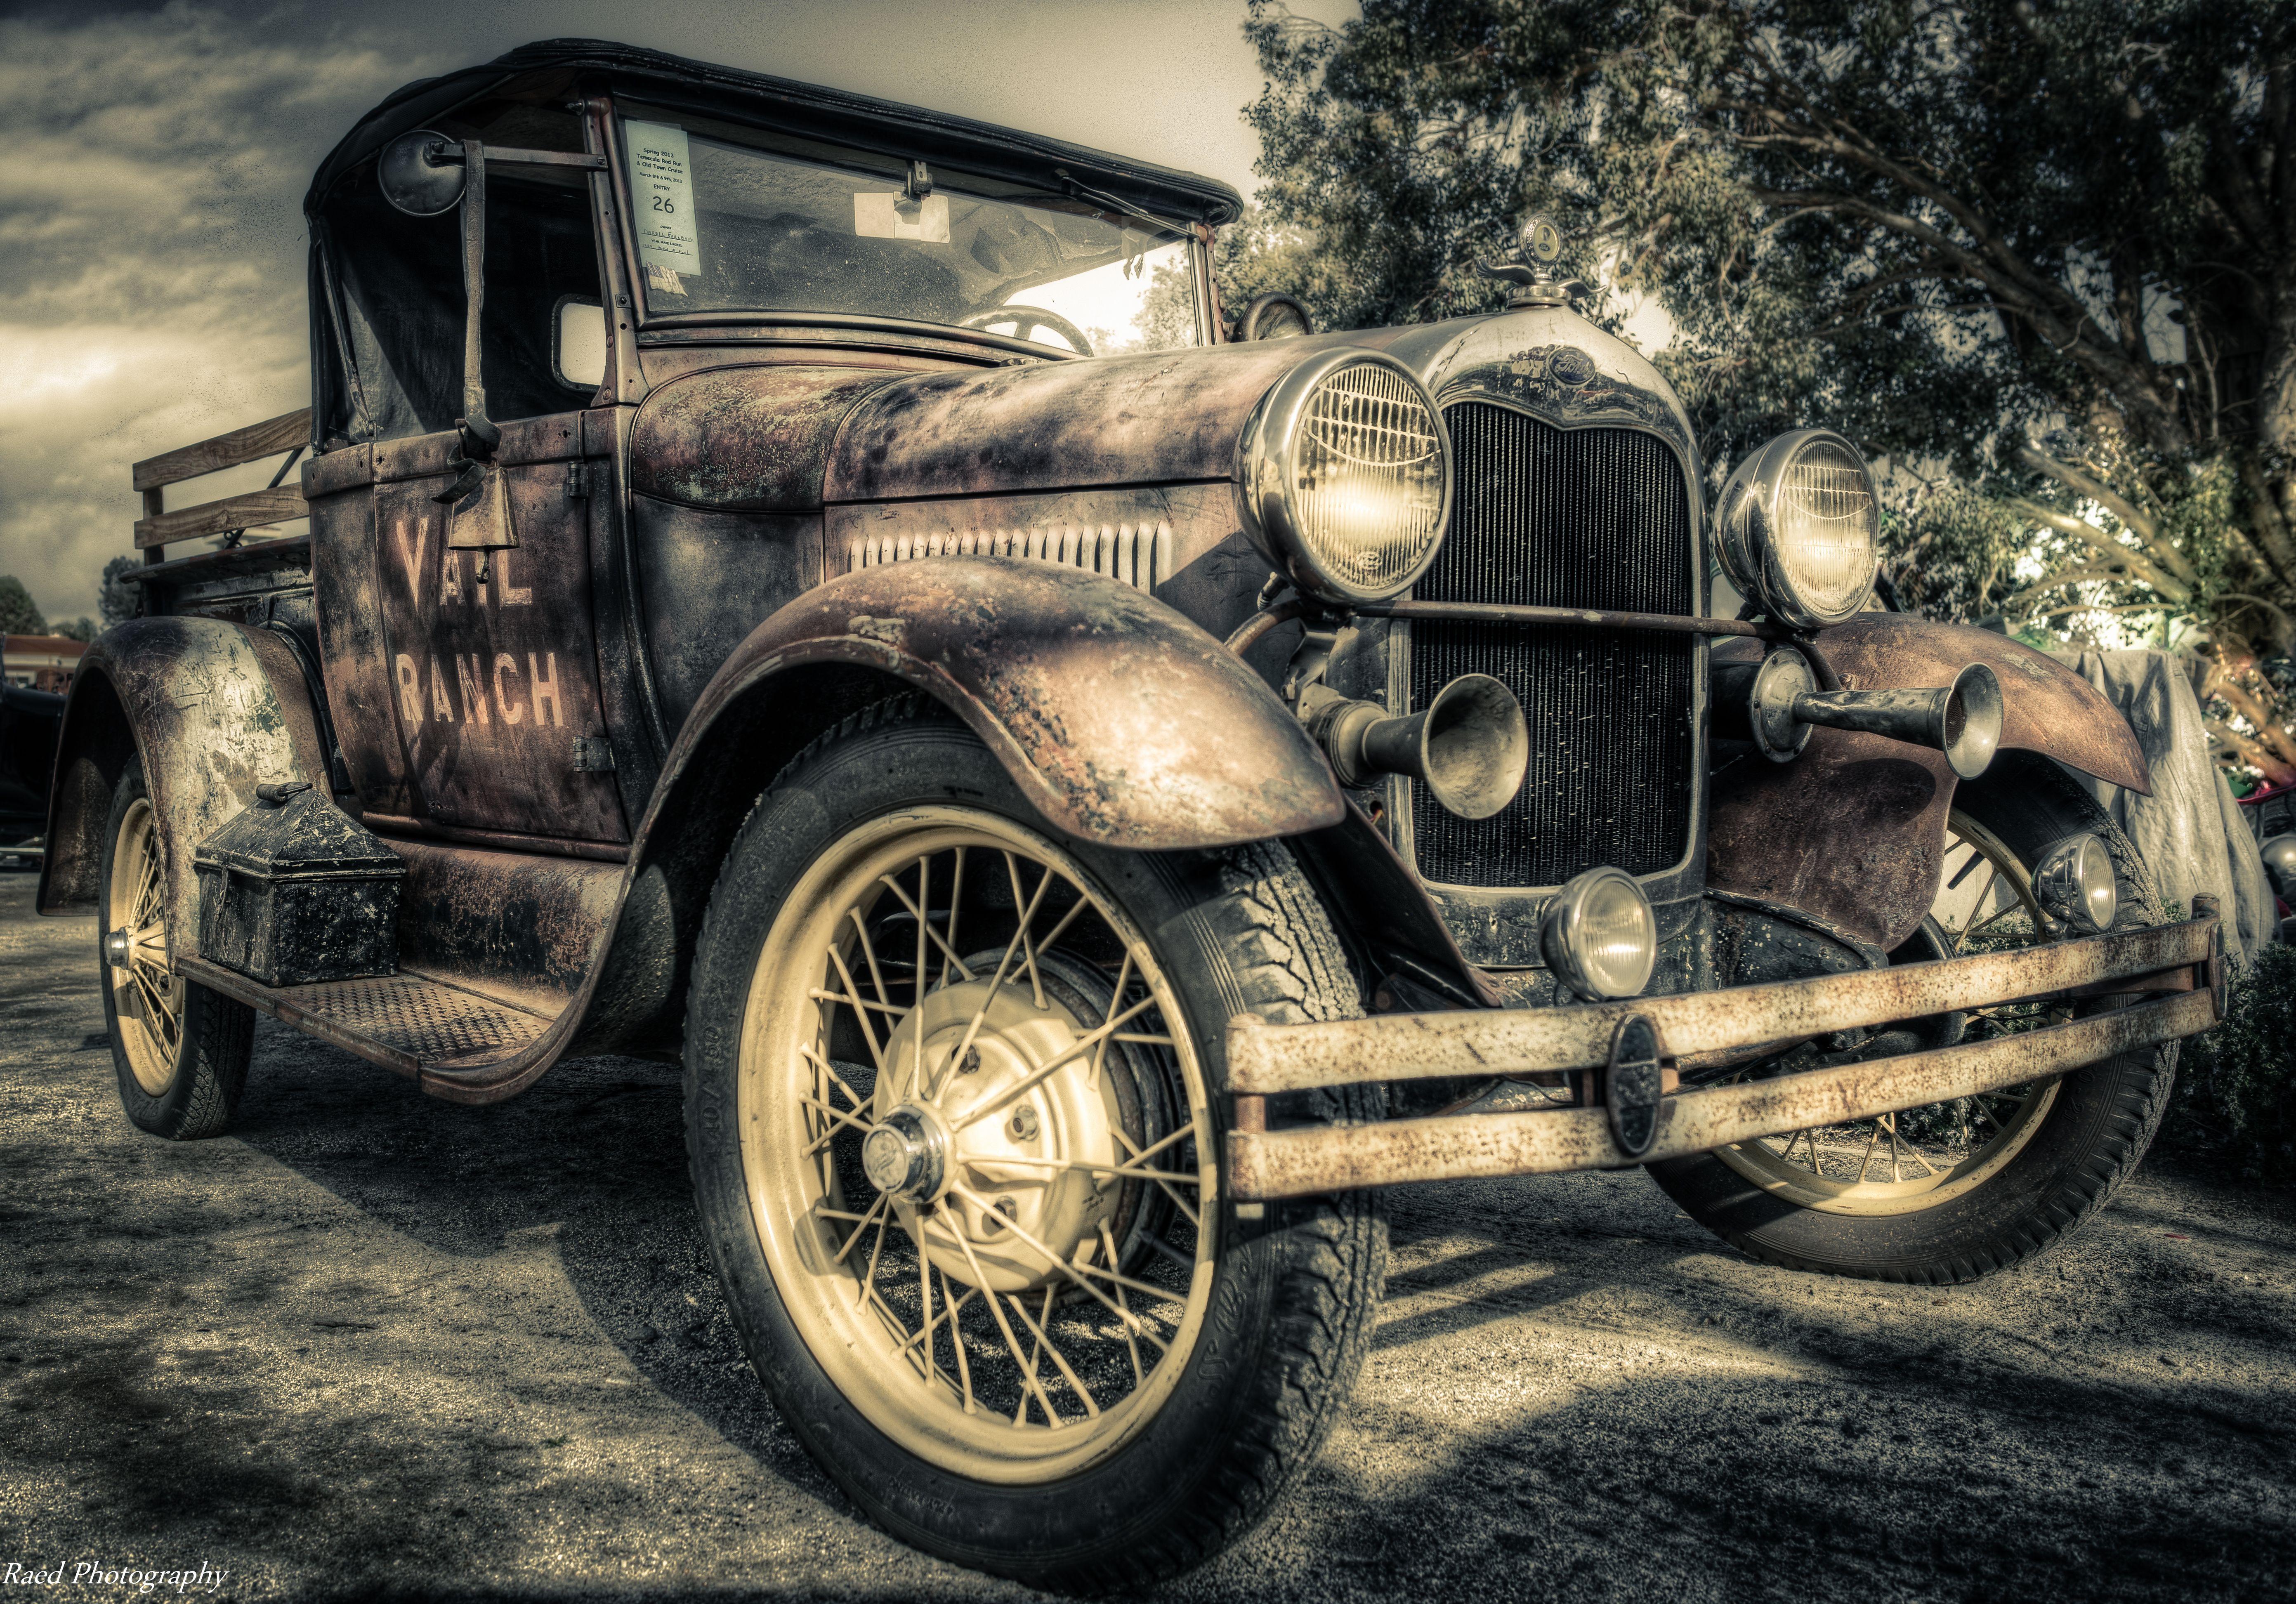 Vintage | Vintage | Pinterest | Journal, Cars and Vintage